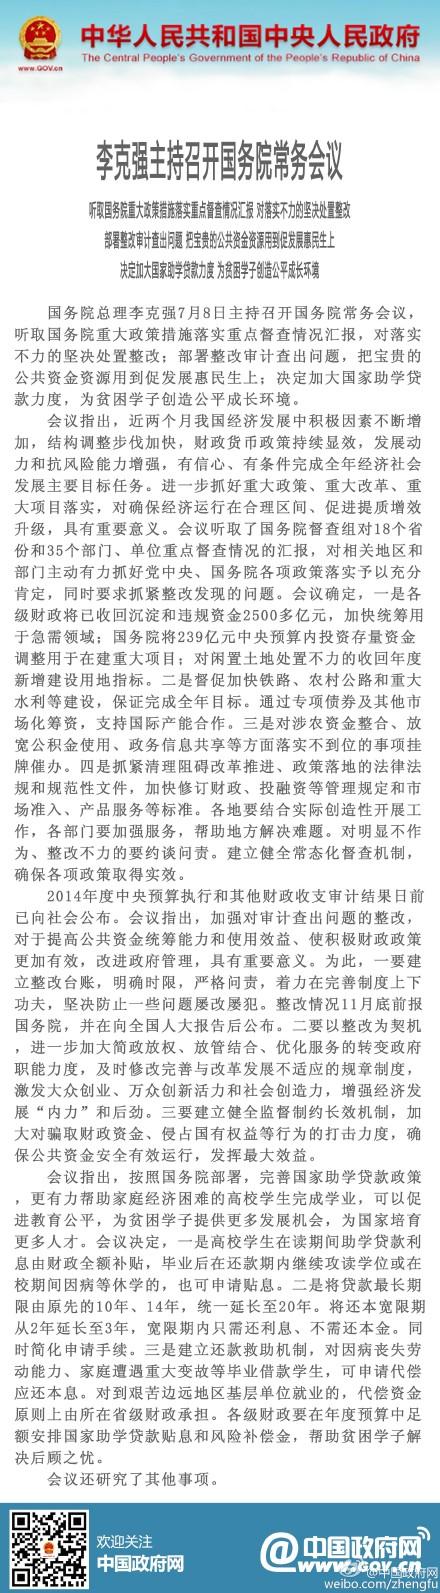 抚顺新闻网_抚顺网_抚顺在线_抚顺热线_抚顺天气预报